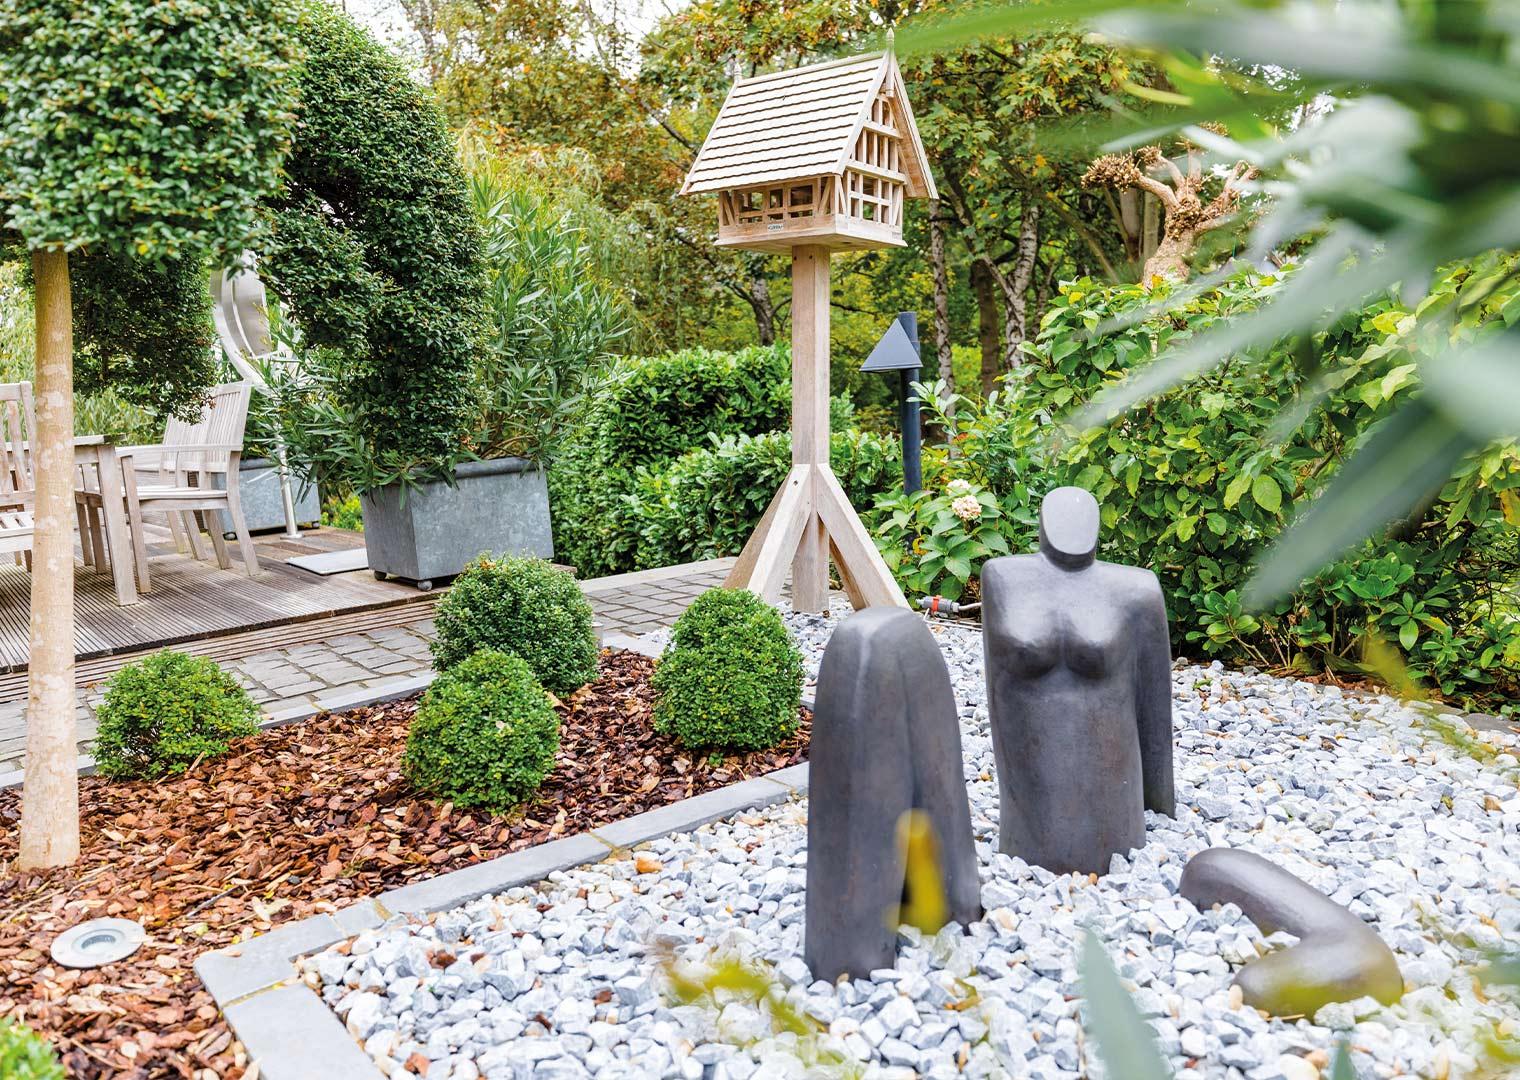 Link zur Bilddatei: menke_galabau_bochum_galeriebild_gartengestaltung_vogelhaus_skulptur_modern